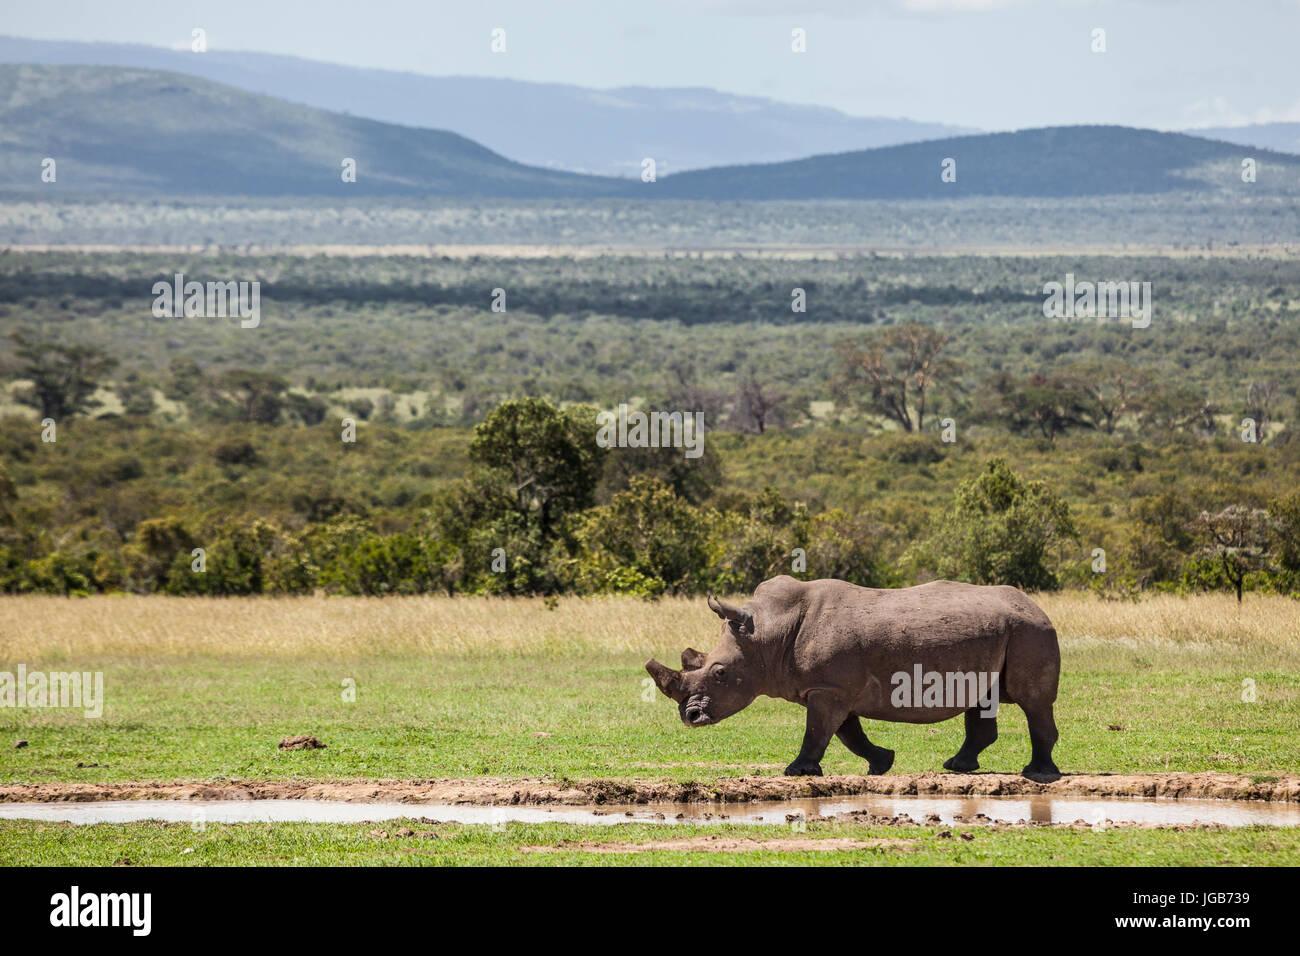 White Rhino, Solio juego ranch, Kenya. Foto de stock